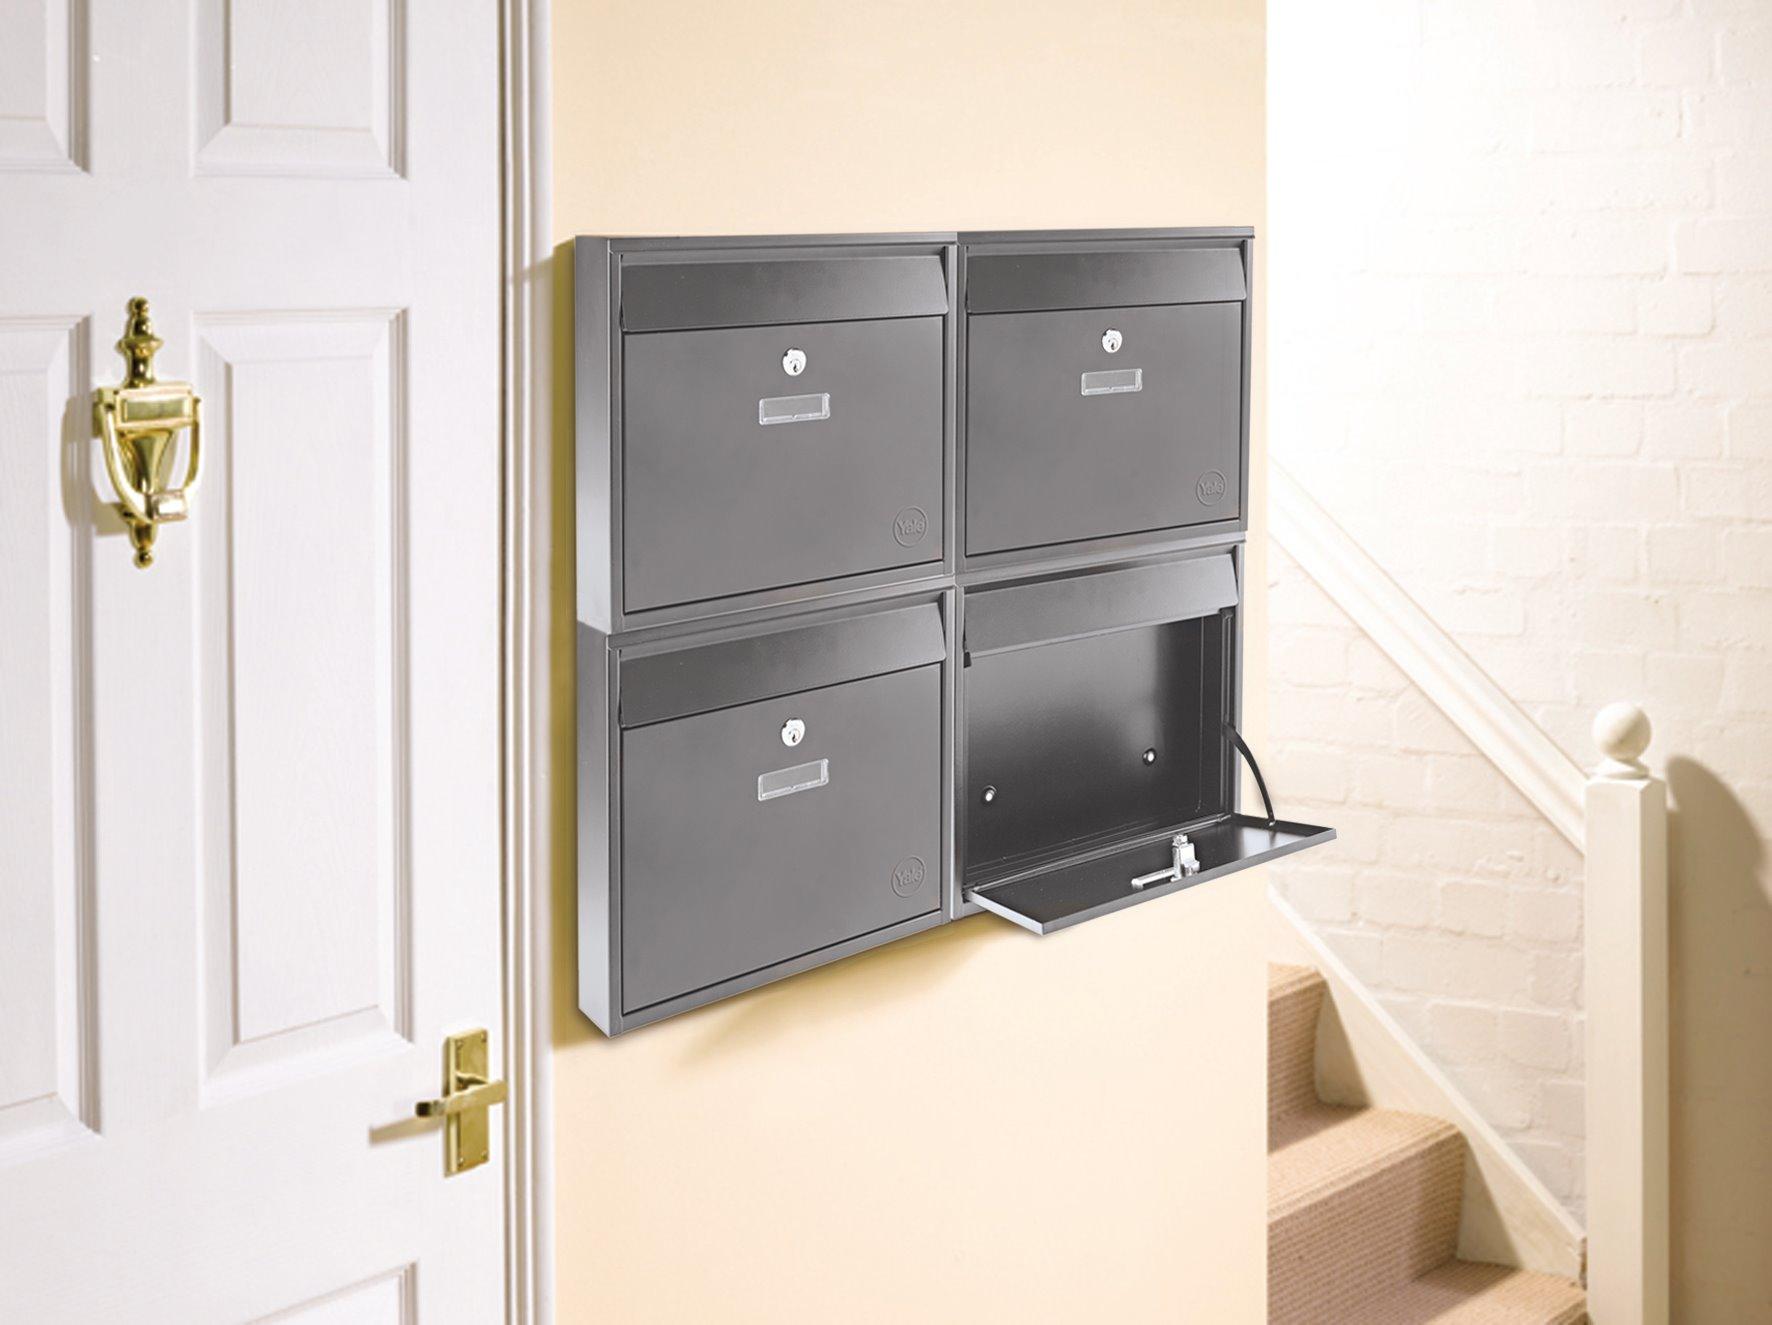 Ohio Postboxes